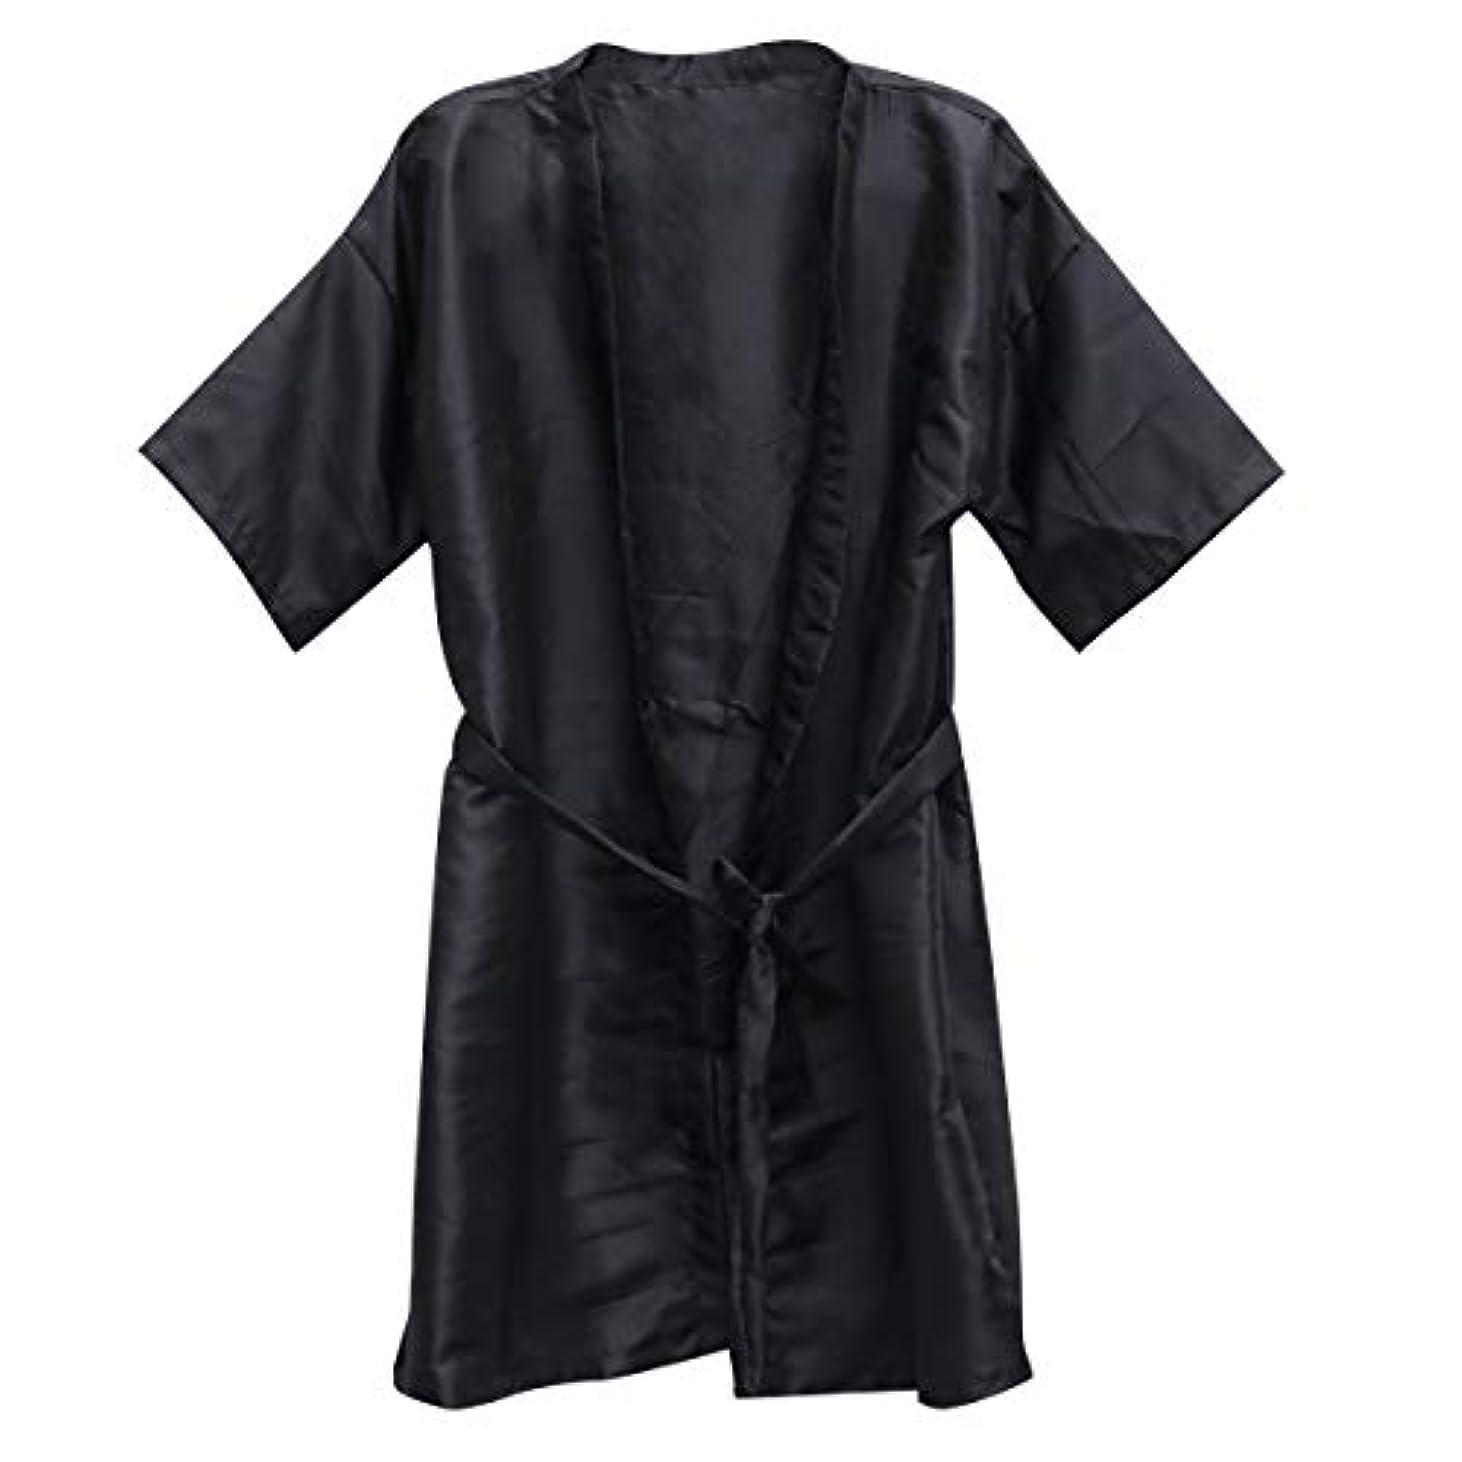 ヨーロッパアデレードどきどきFrcolor 美容院ケープ 理髪エプロン ヘア染めスーツ (ブラック)